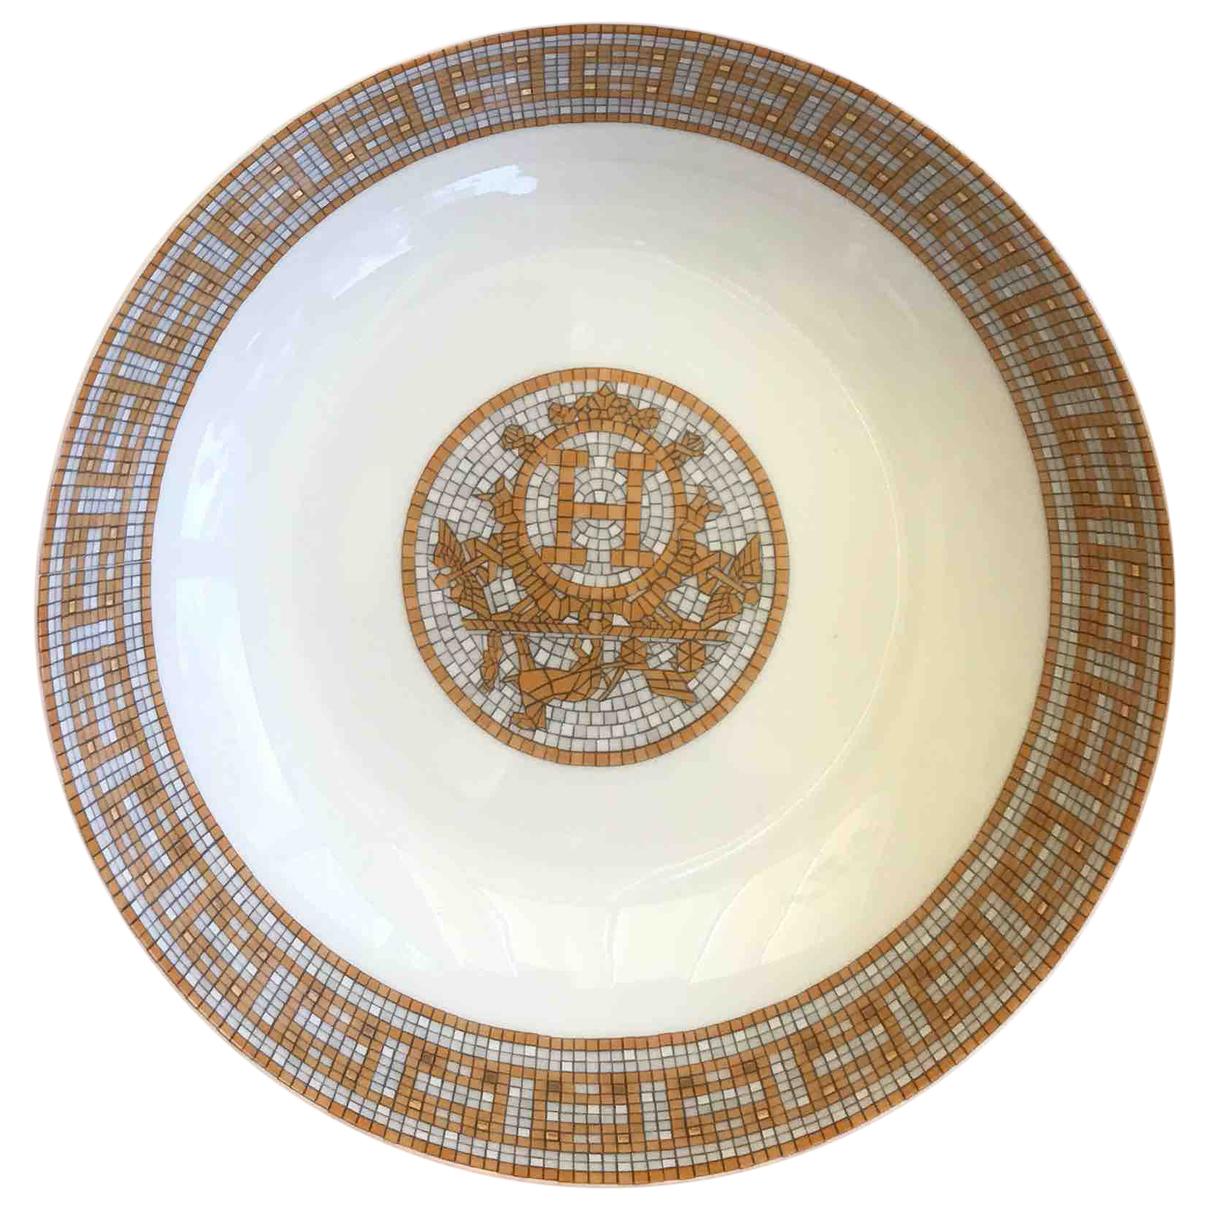 Plato Mosaique au 24 de Porcelana Hermes